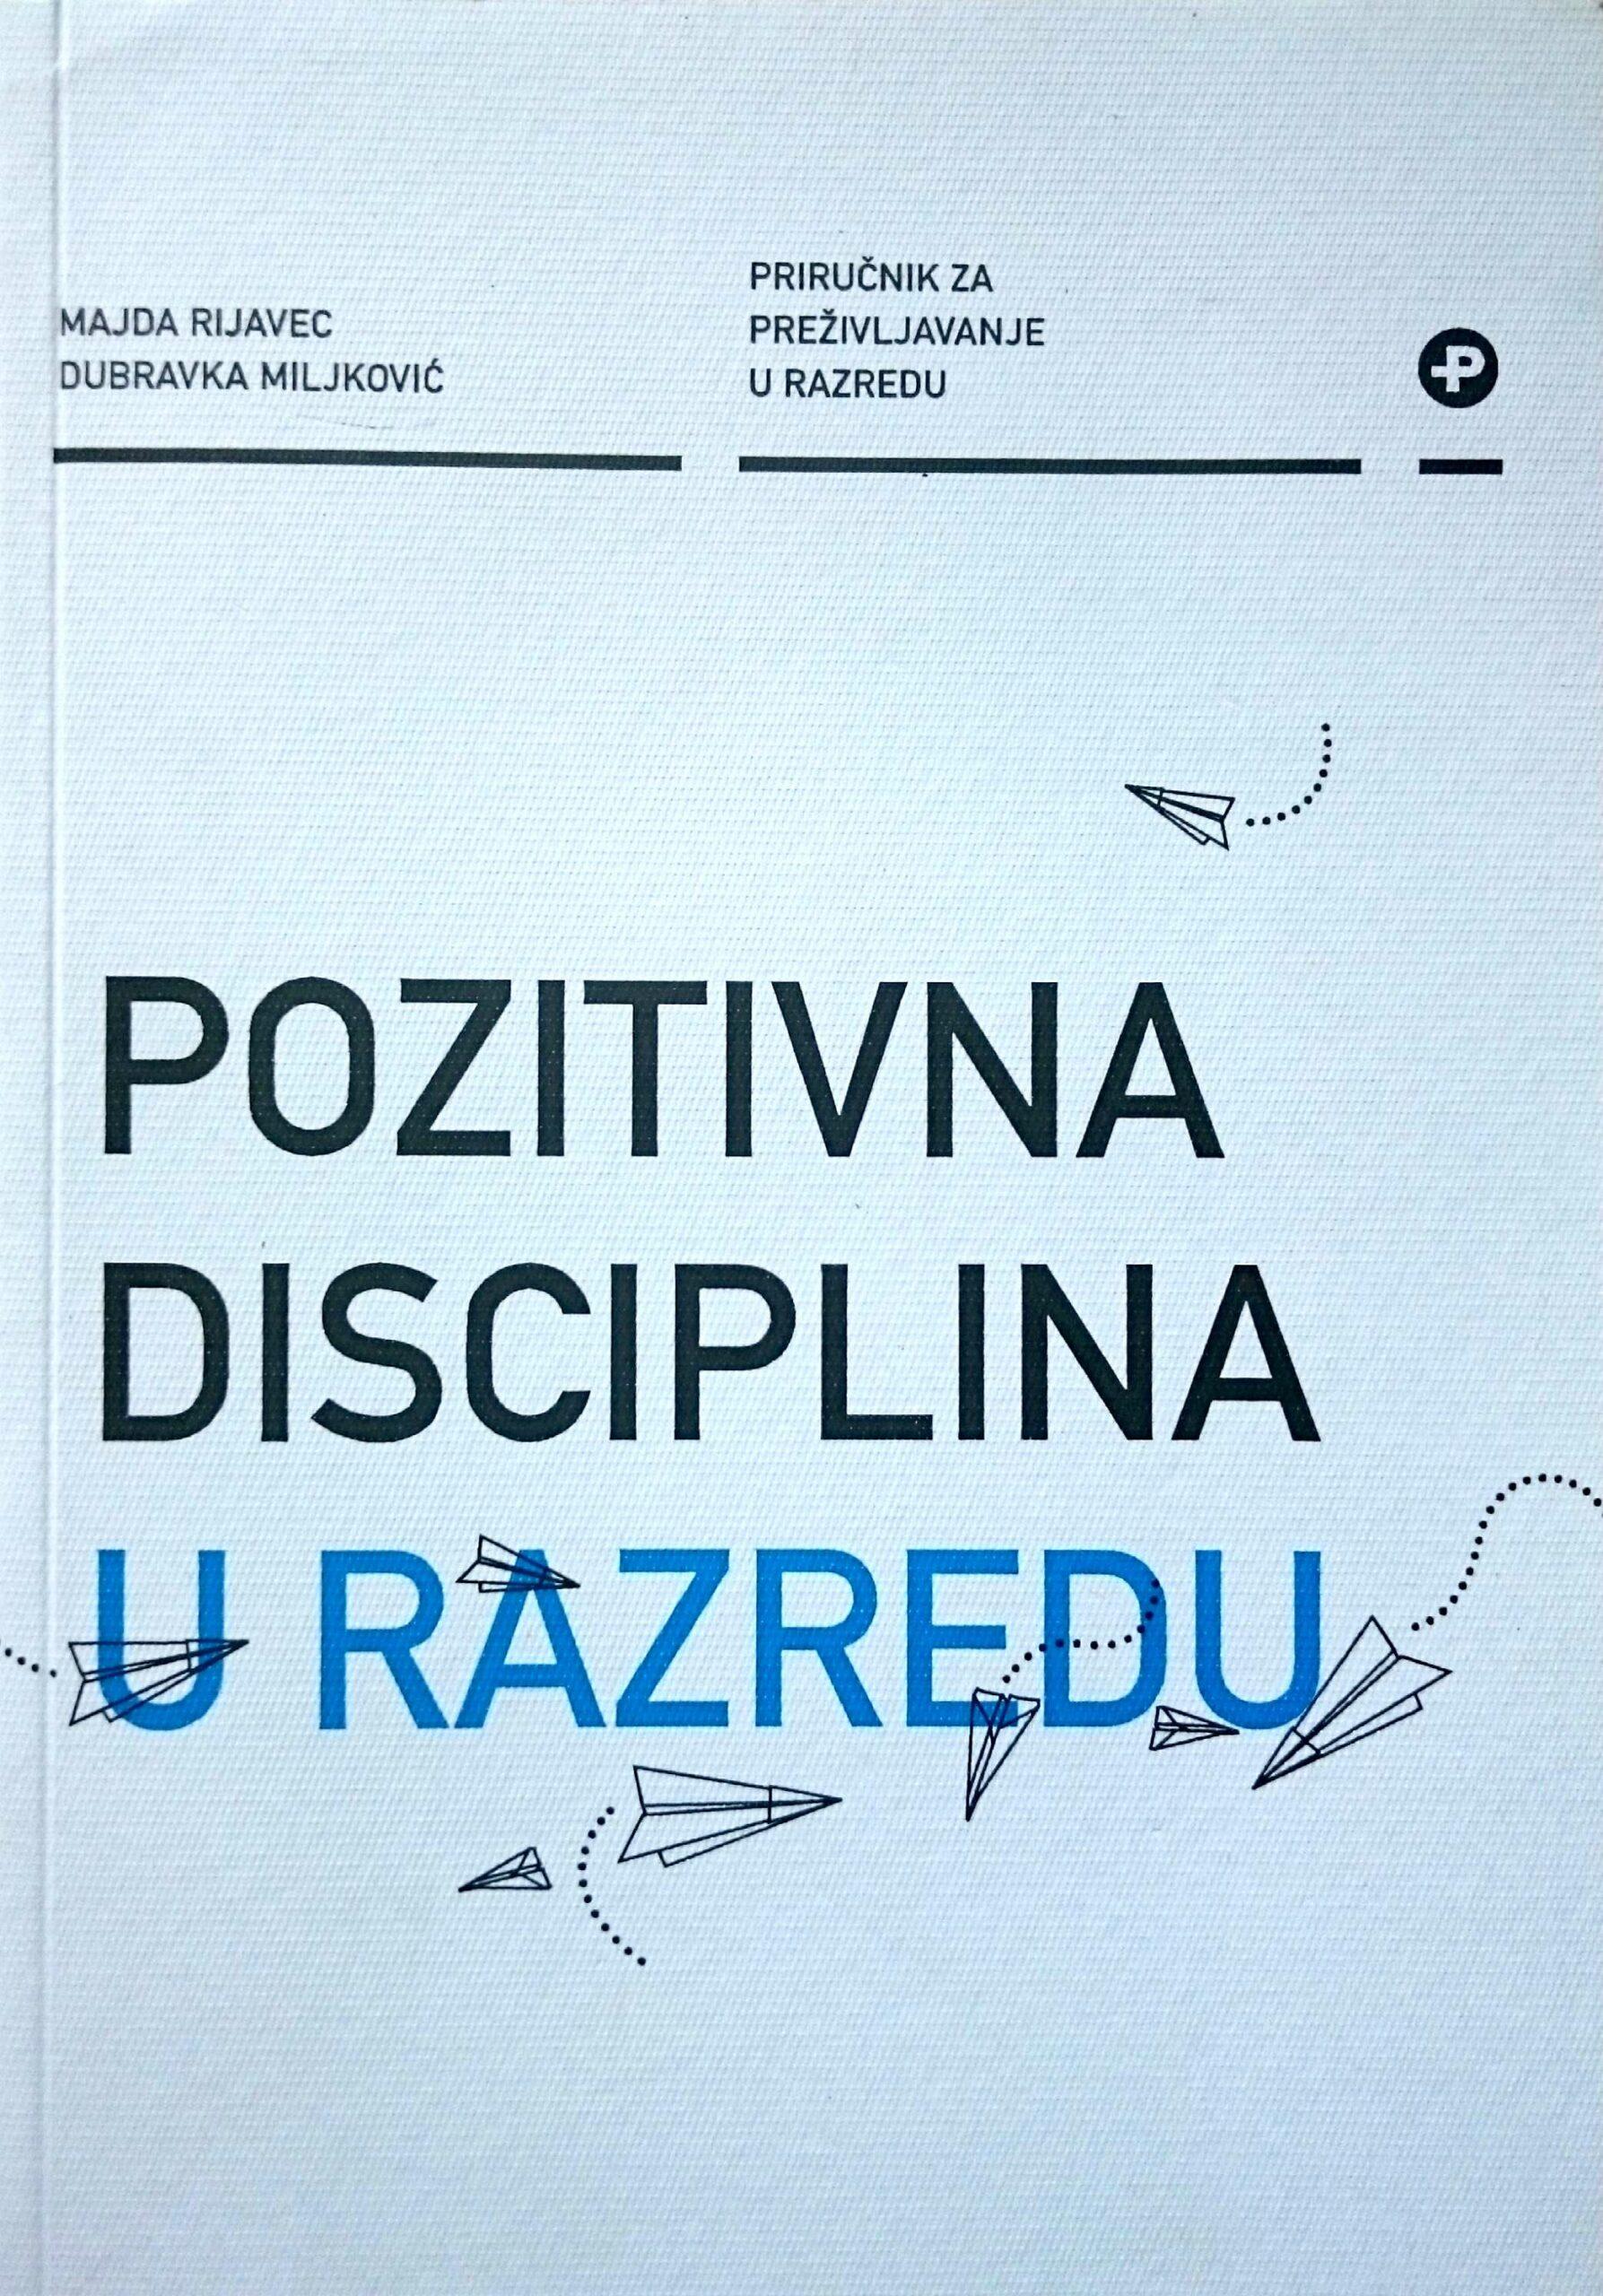 POZITIVNA DISCIPLINA U RAZREDU - Naruči svoju knjigu